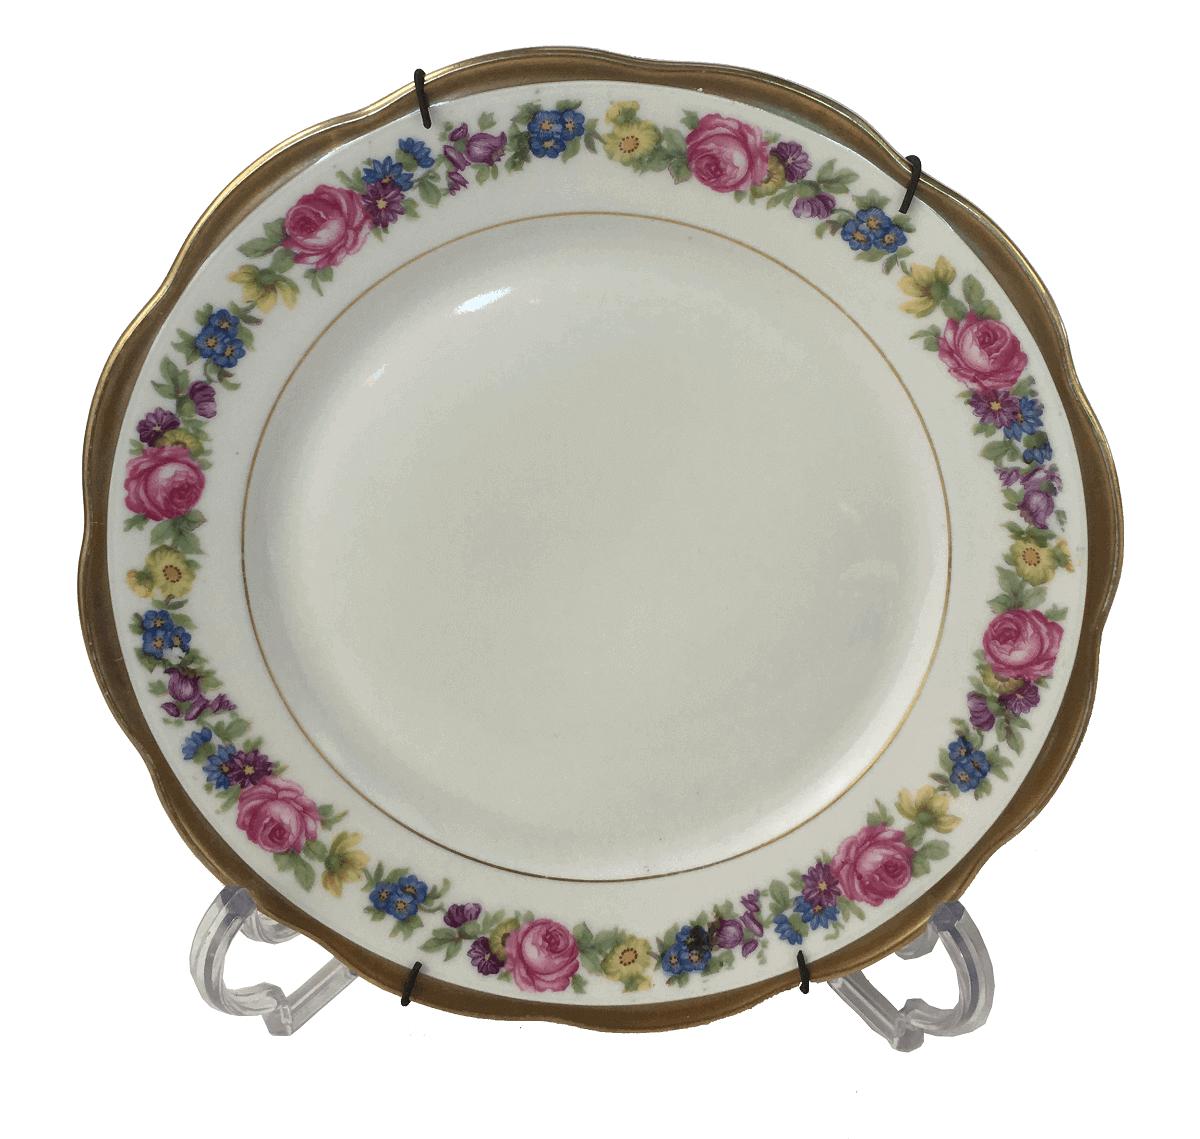 Belissimo Prato De Sobremesa Porcelana Kpm Flores